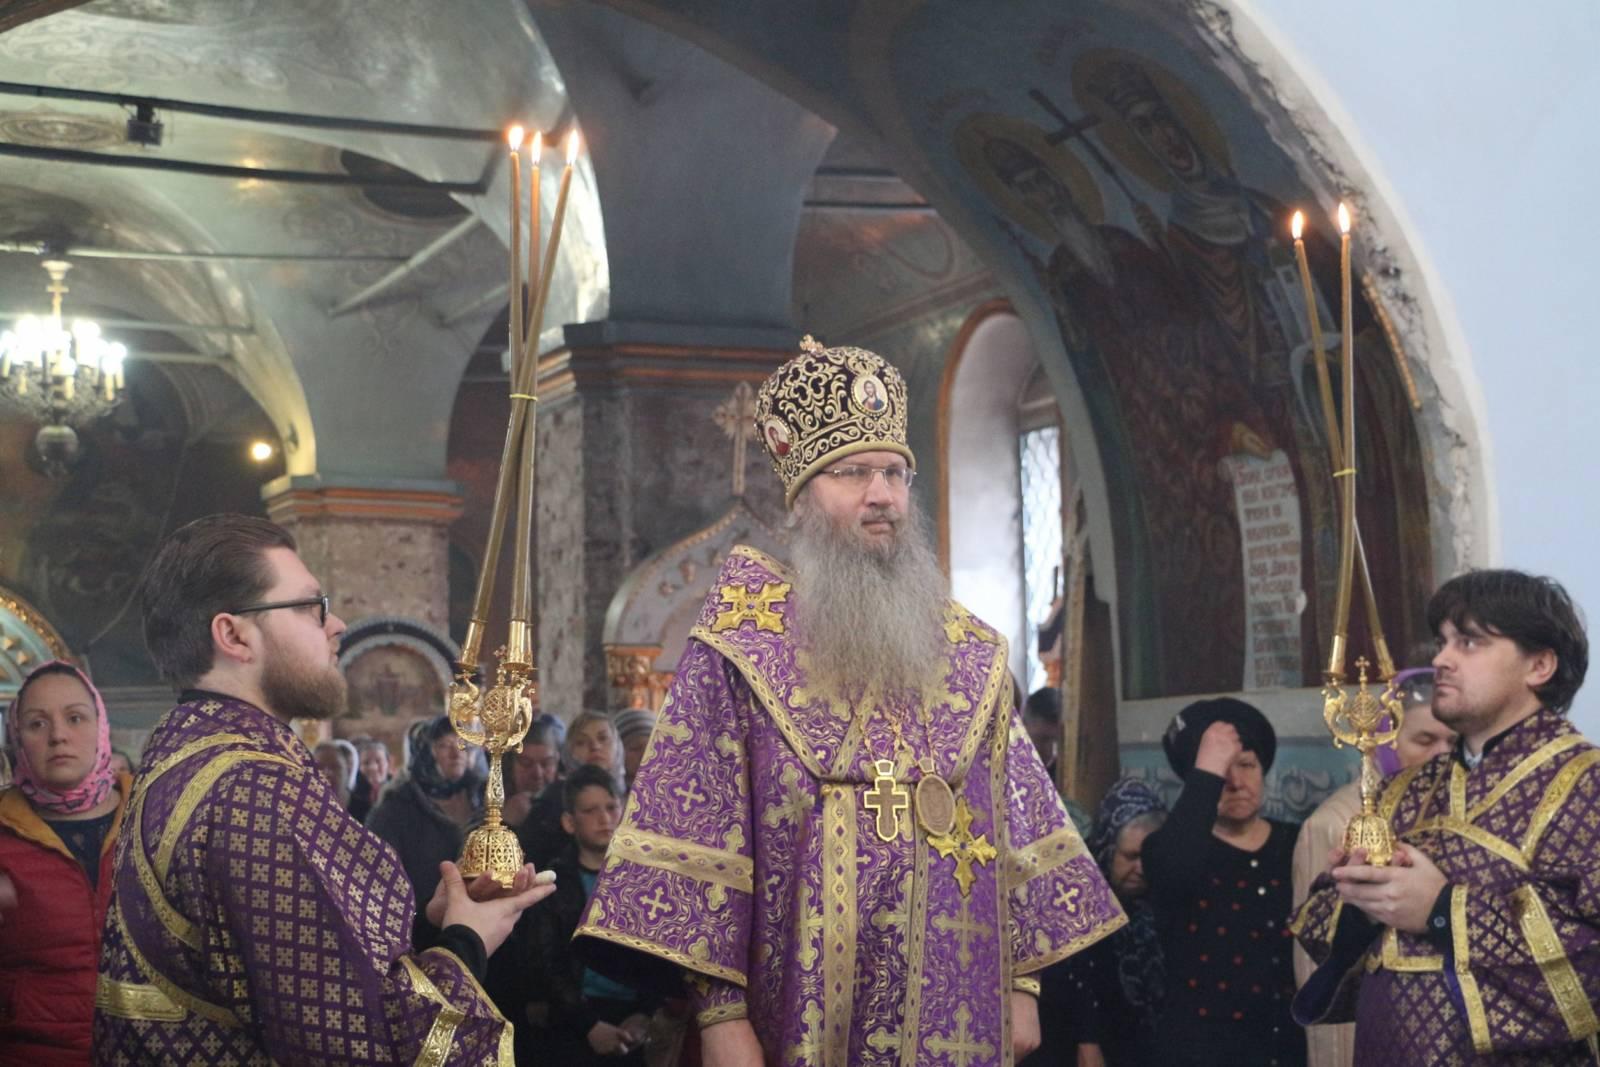 Литургия св. Василия Великого в Покровском кафедральном соборе г. Урюпинска.